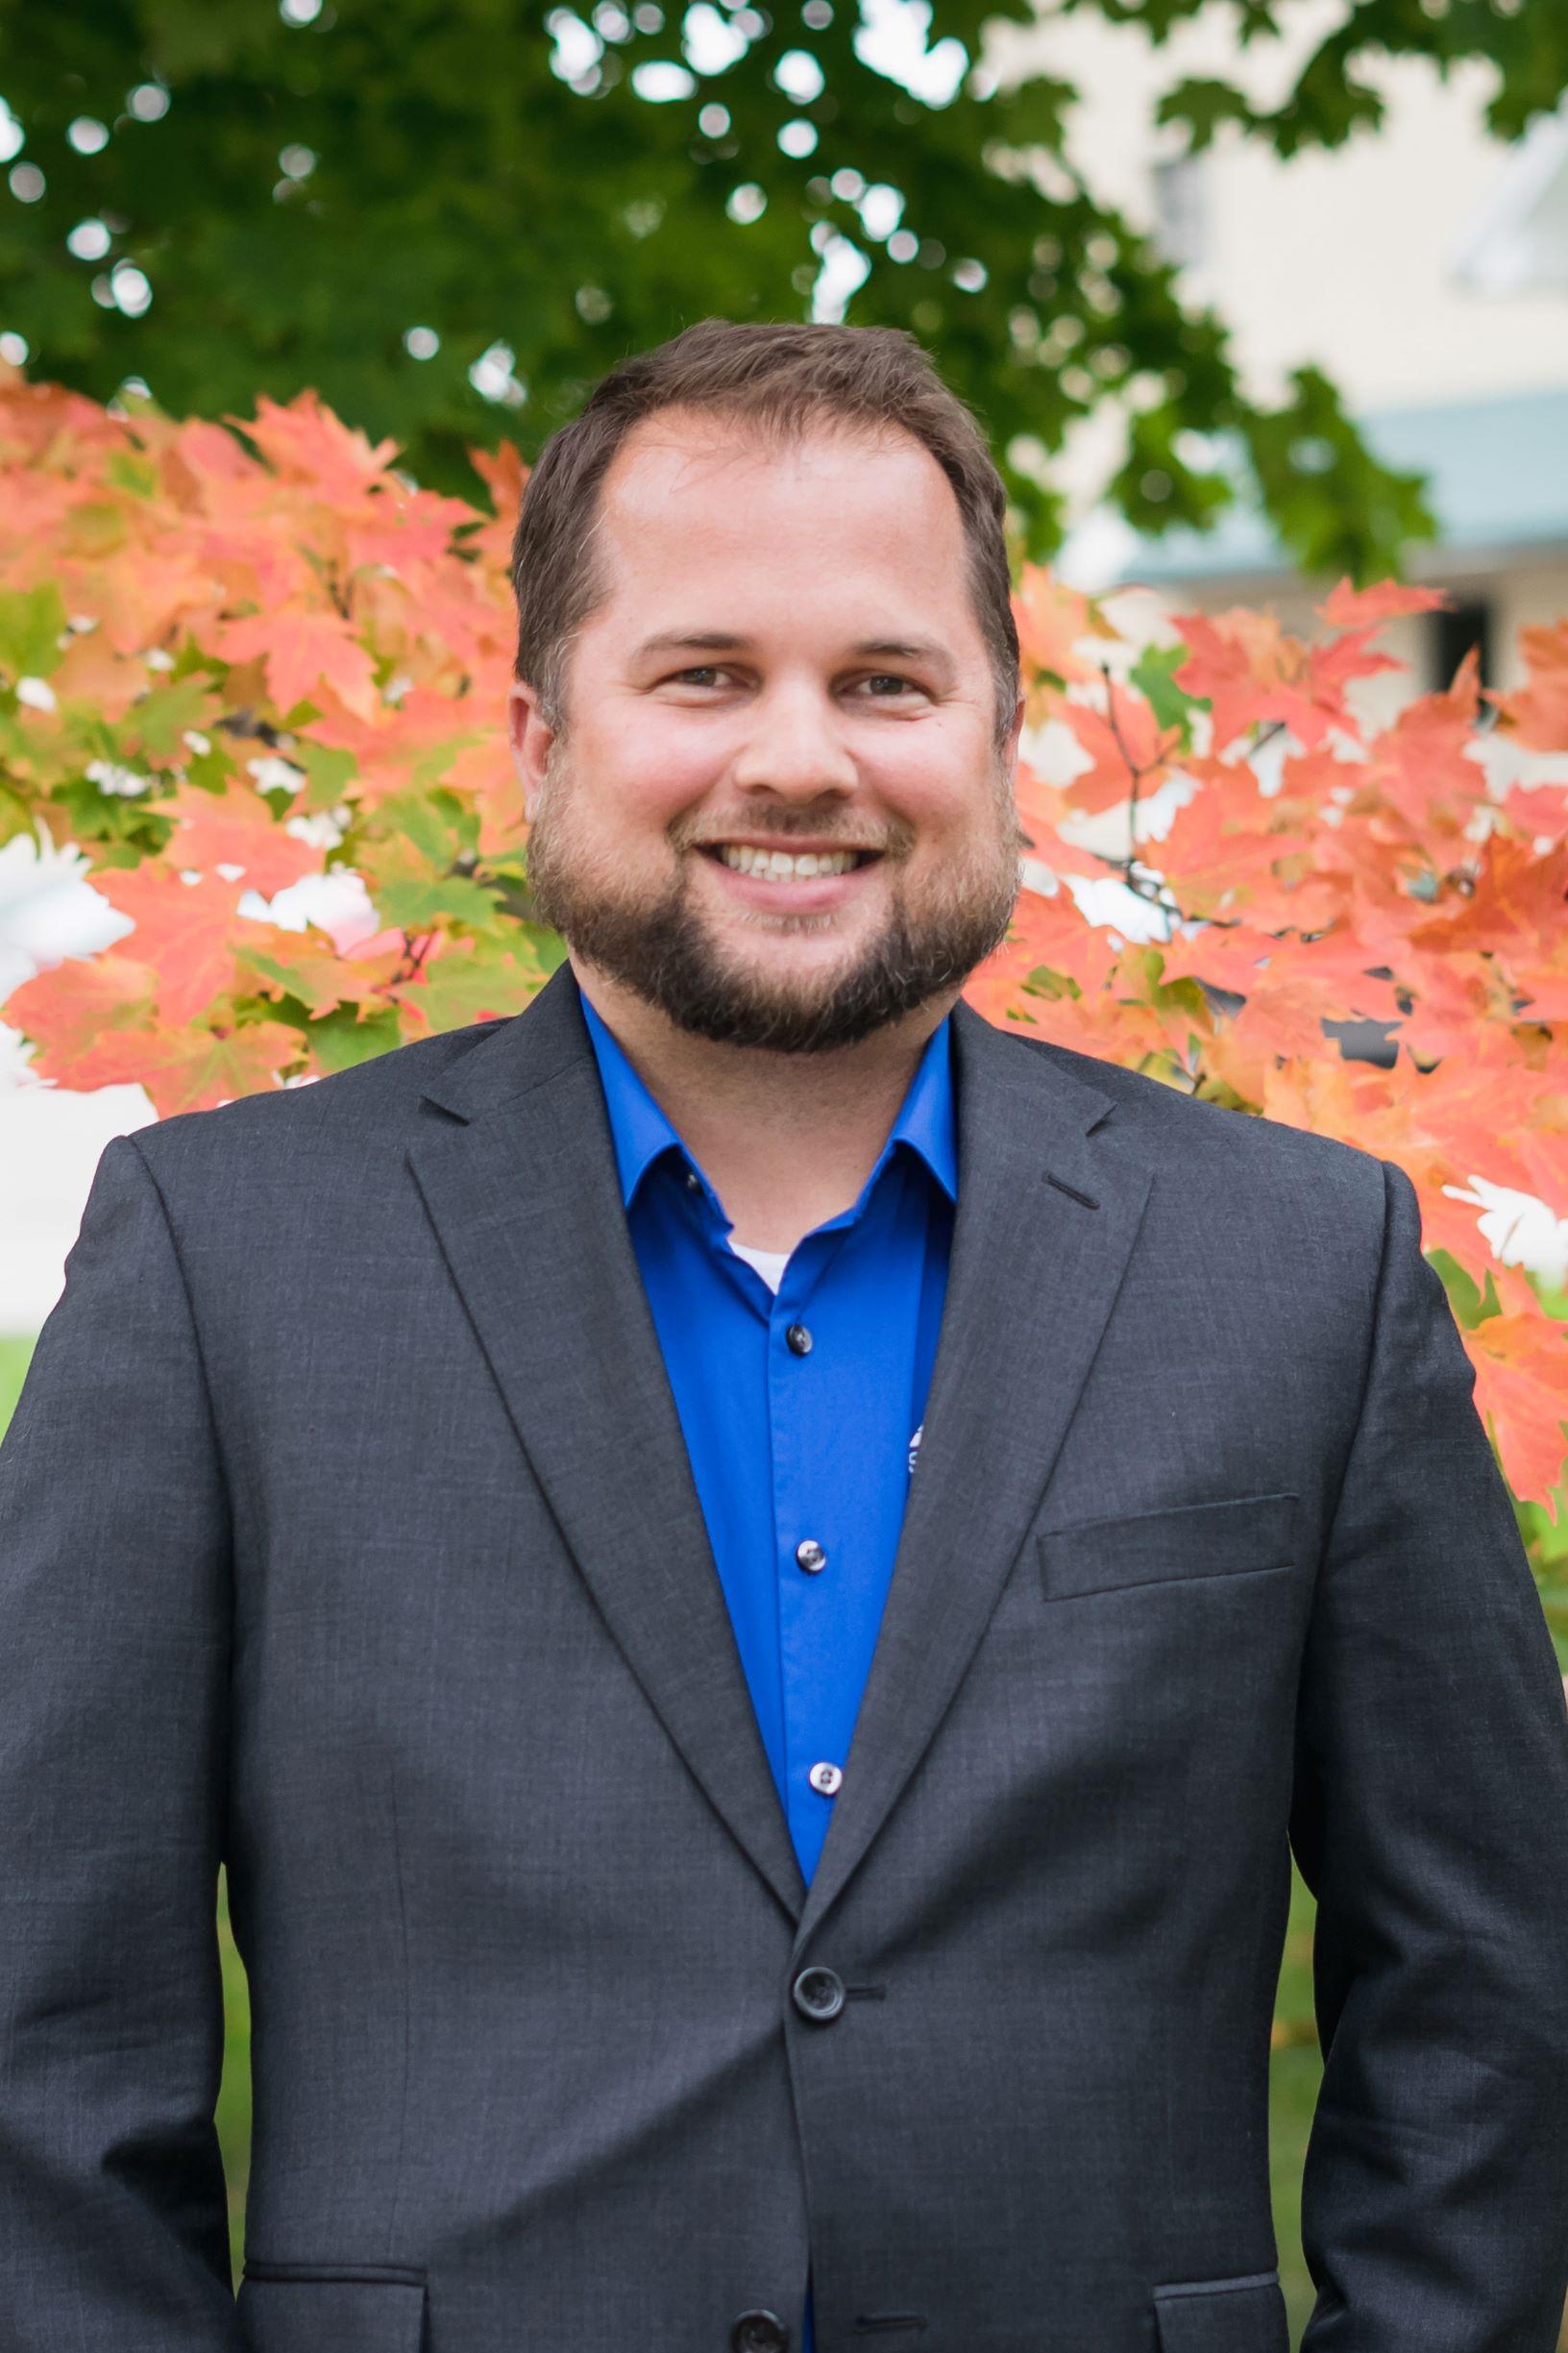 Cameron Tilkins